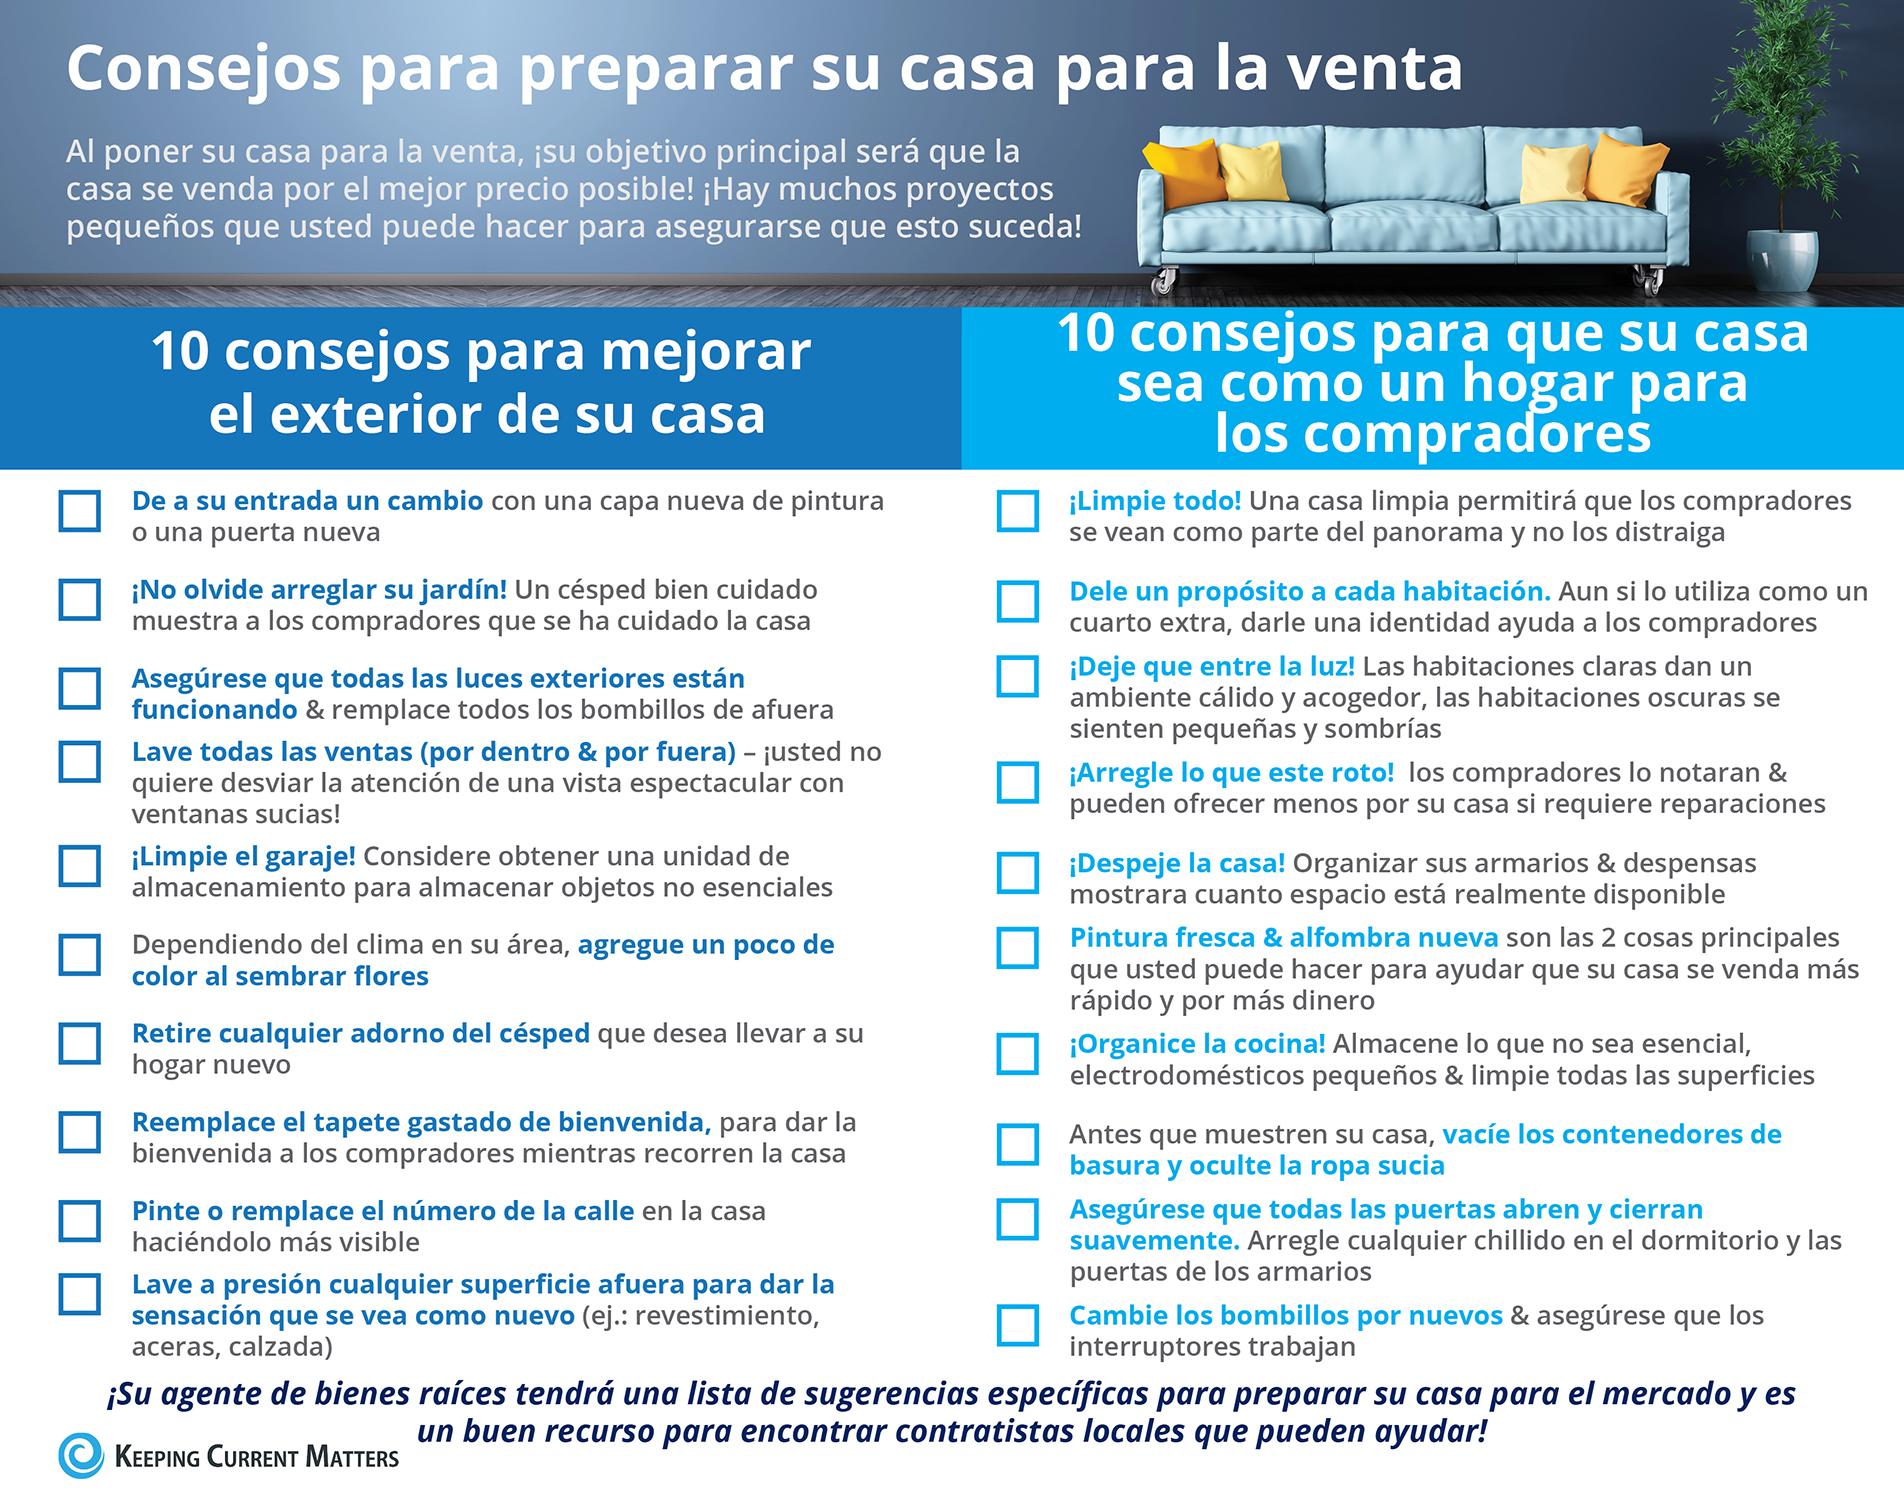 20 consejos para preparar su casa para la venta [infografía] | Keeping Current Matters